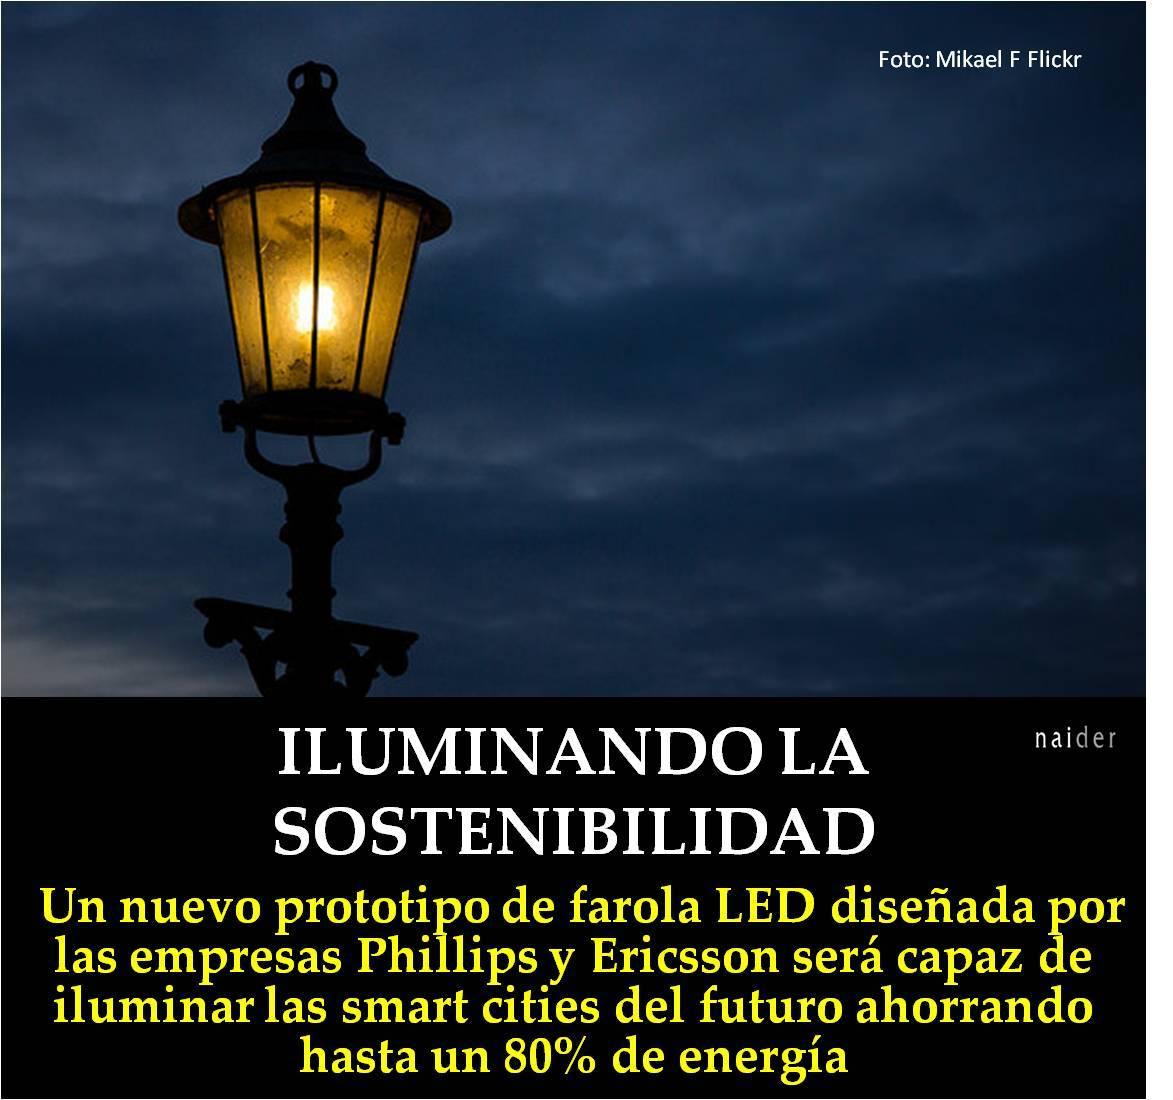 Iluminando la sostenibilidad buena